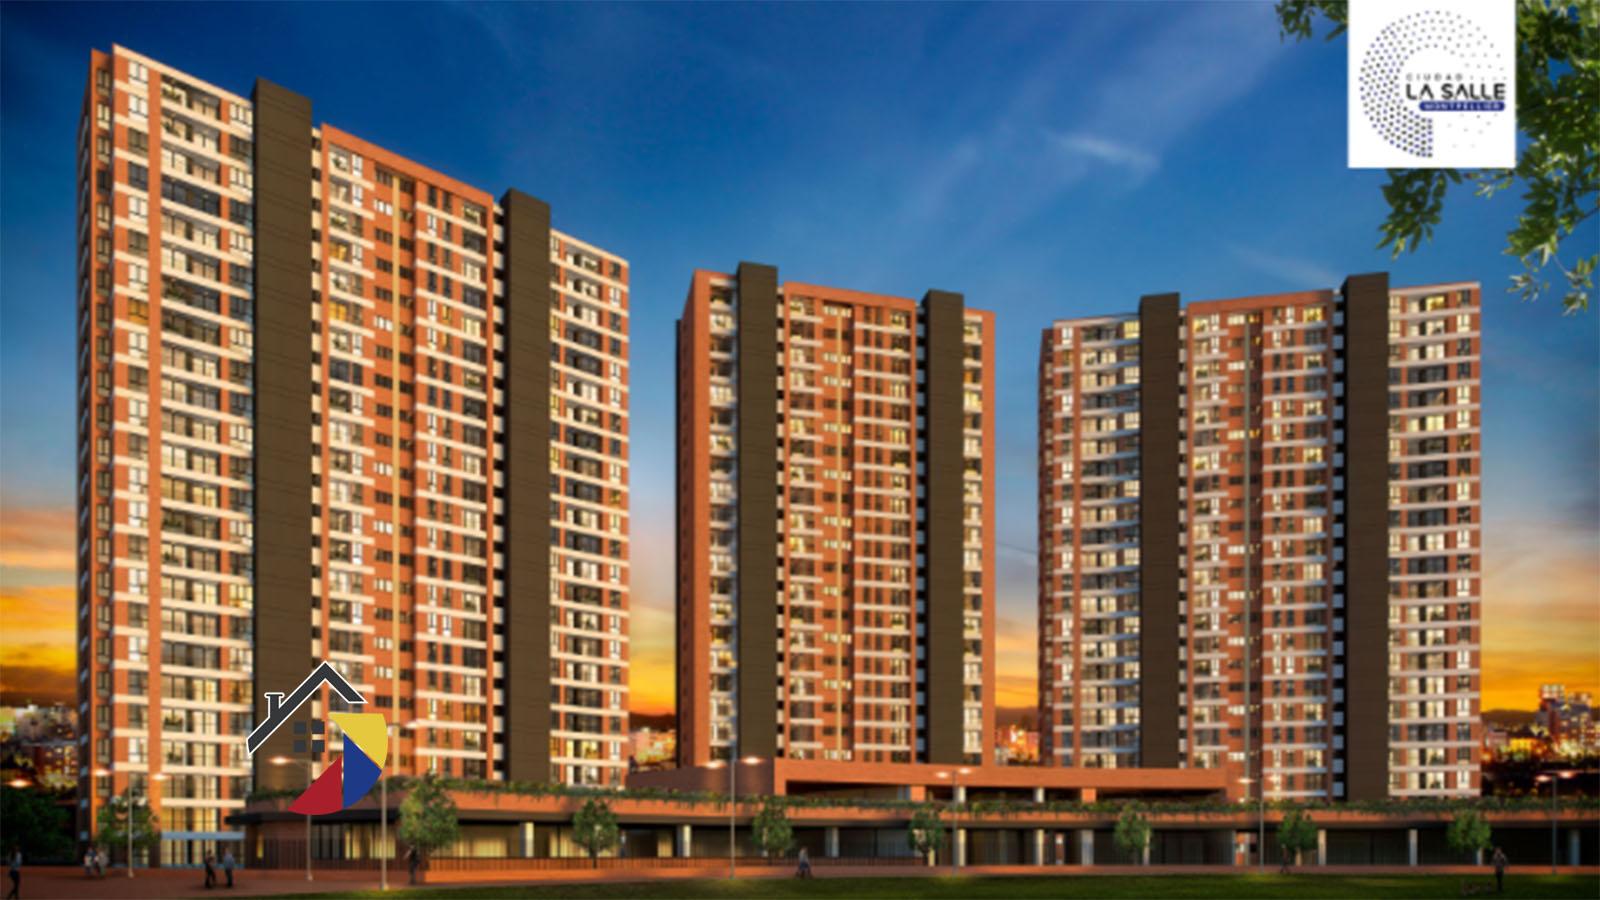 CIUDAD LA SALLE MONTPELLIER | Apartamentos